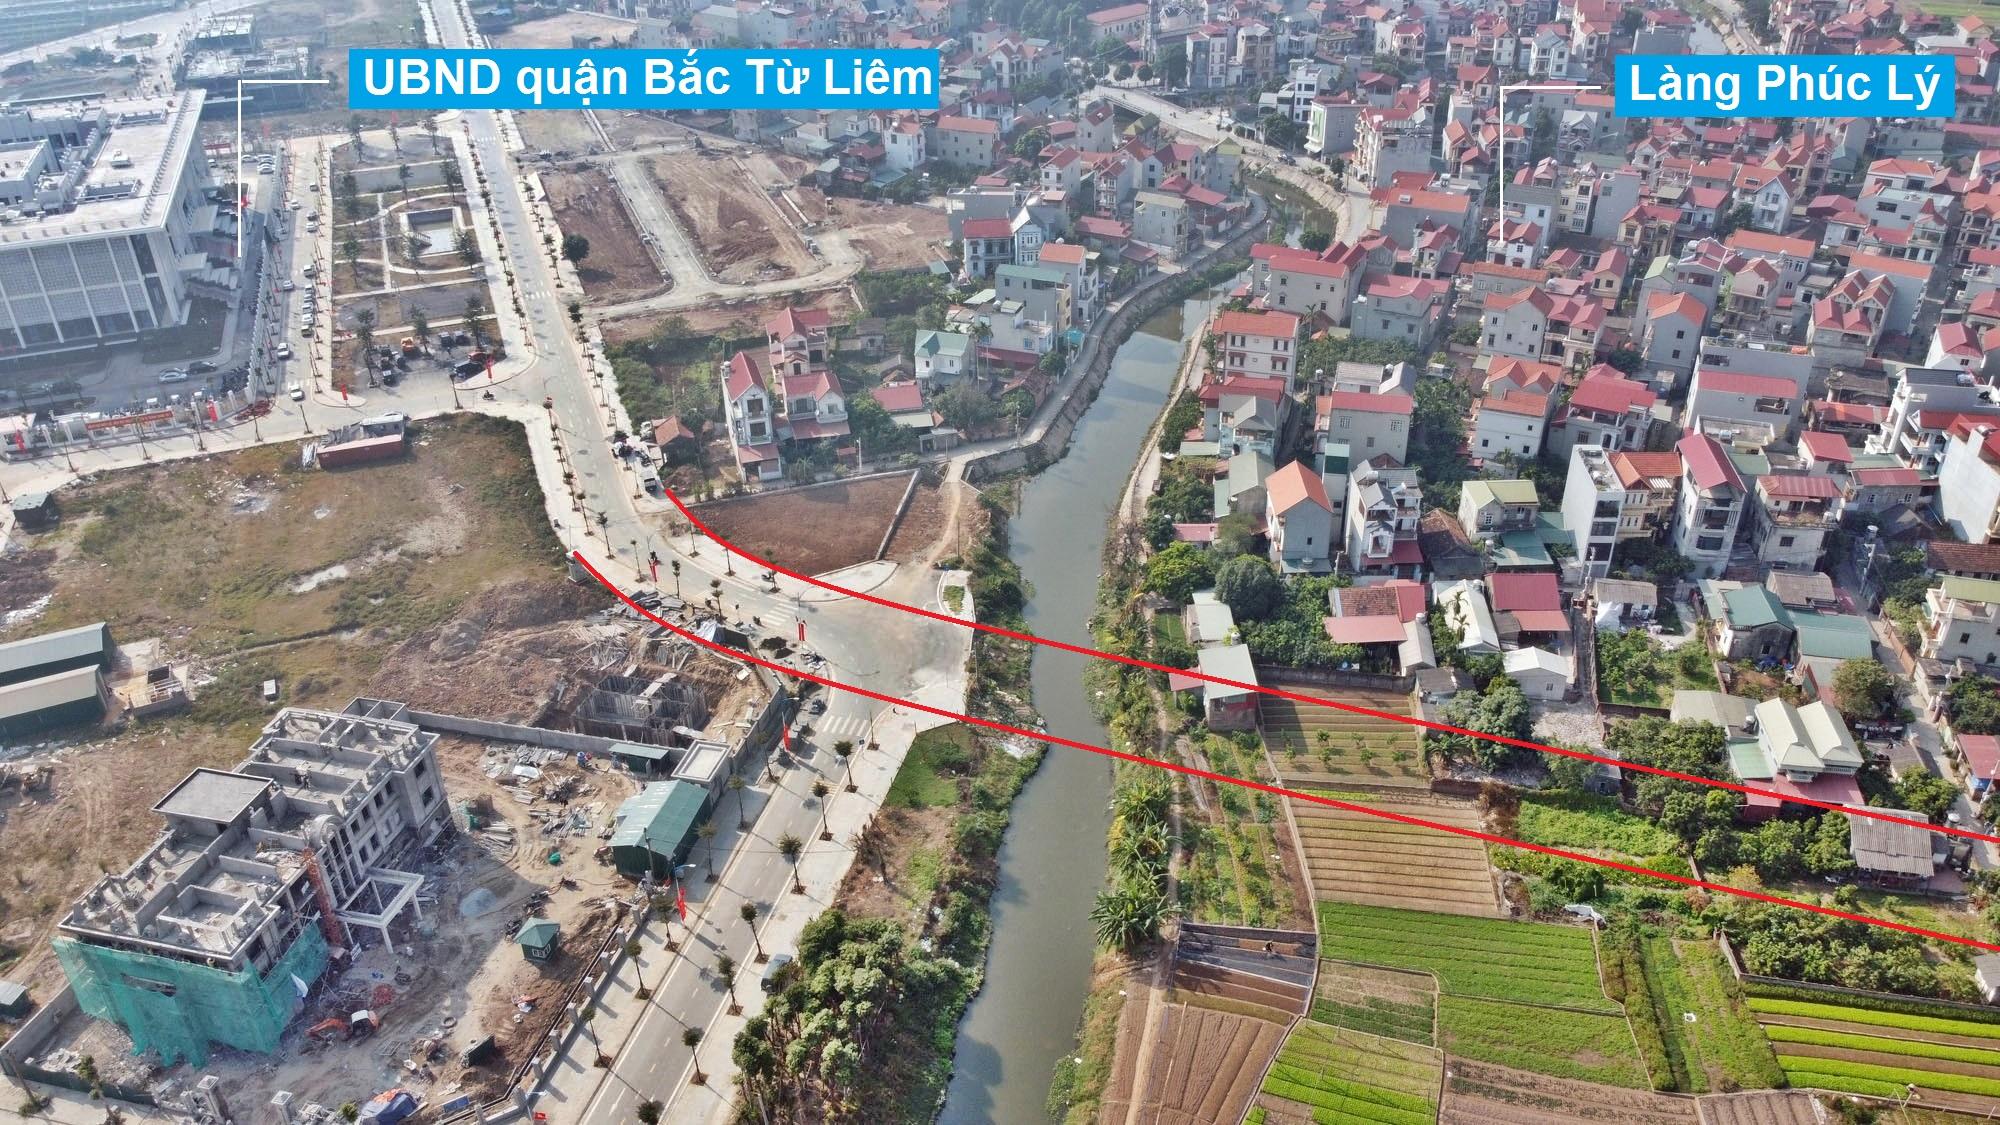 Đường sẽ mở theo quy hoạch ở phường Minh Khai, Bắc Từ Liêm, Hà Nội (phần 2) - Ảnh 6.